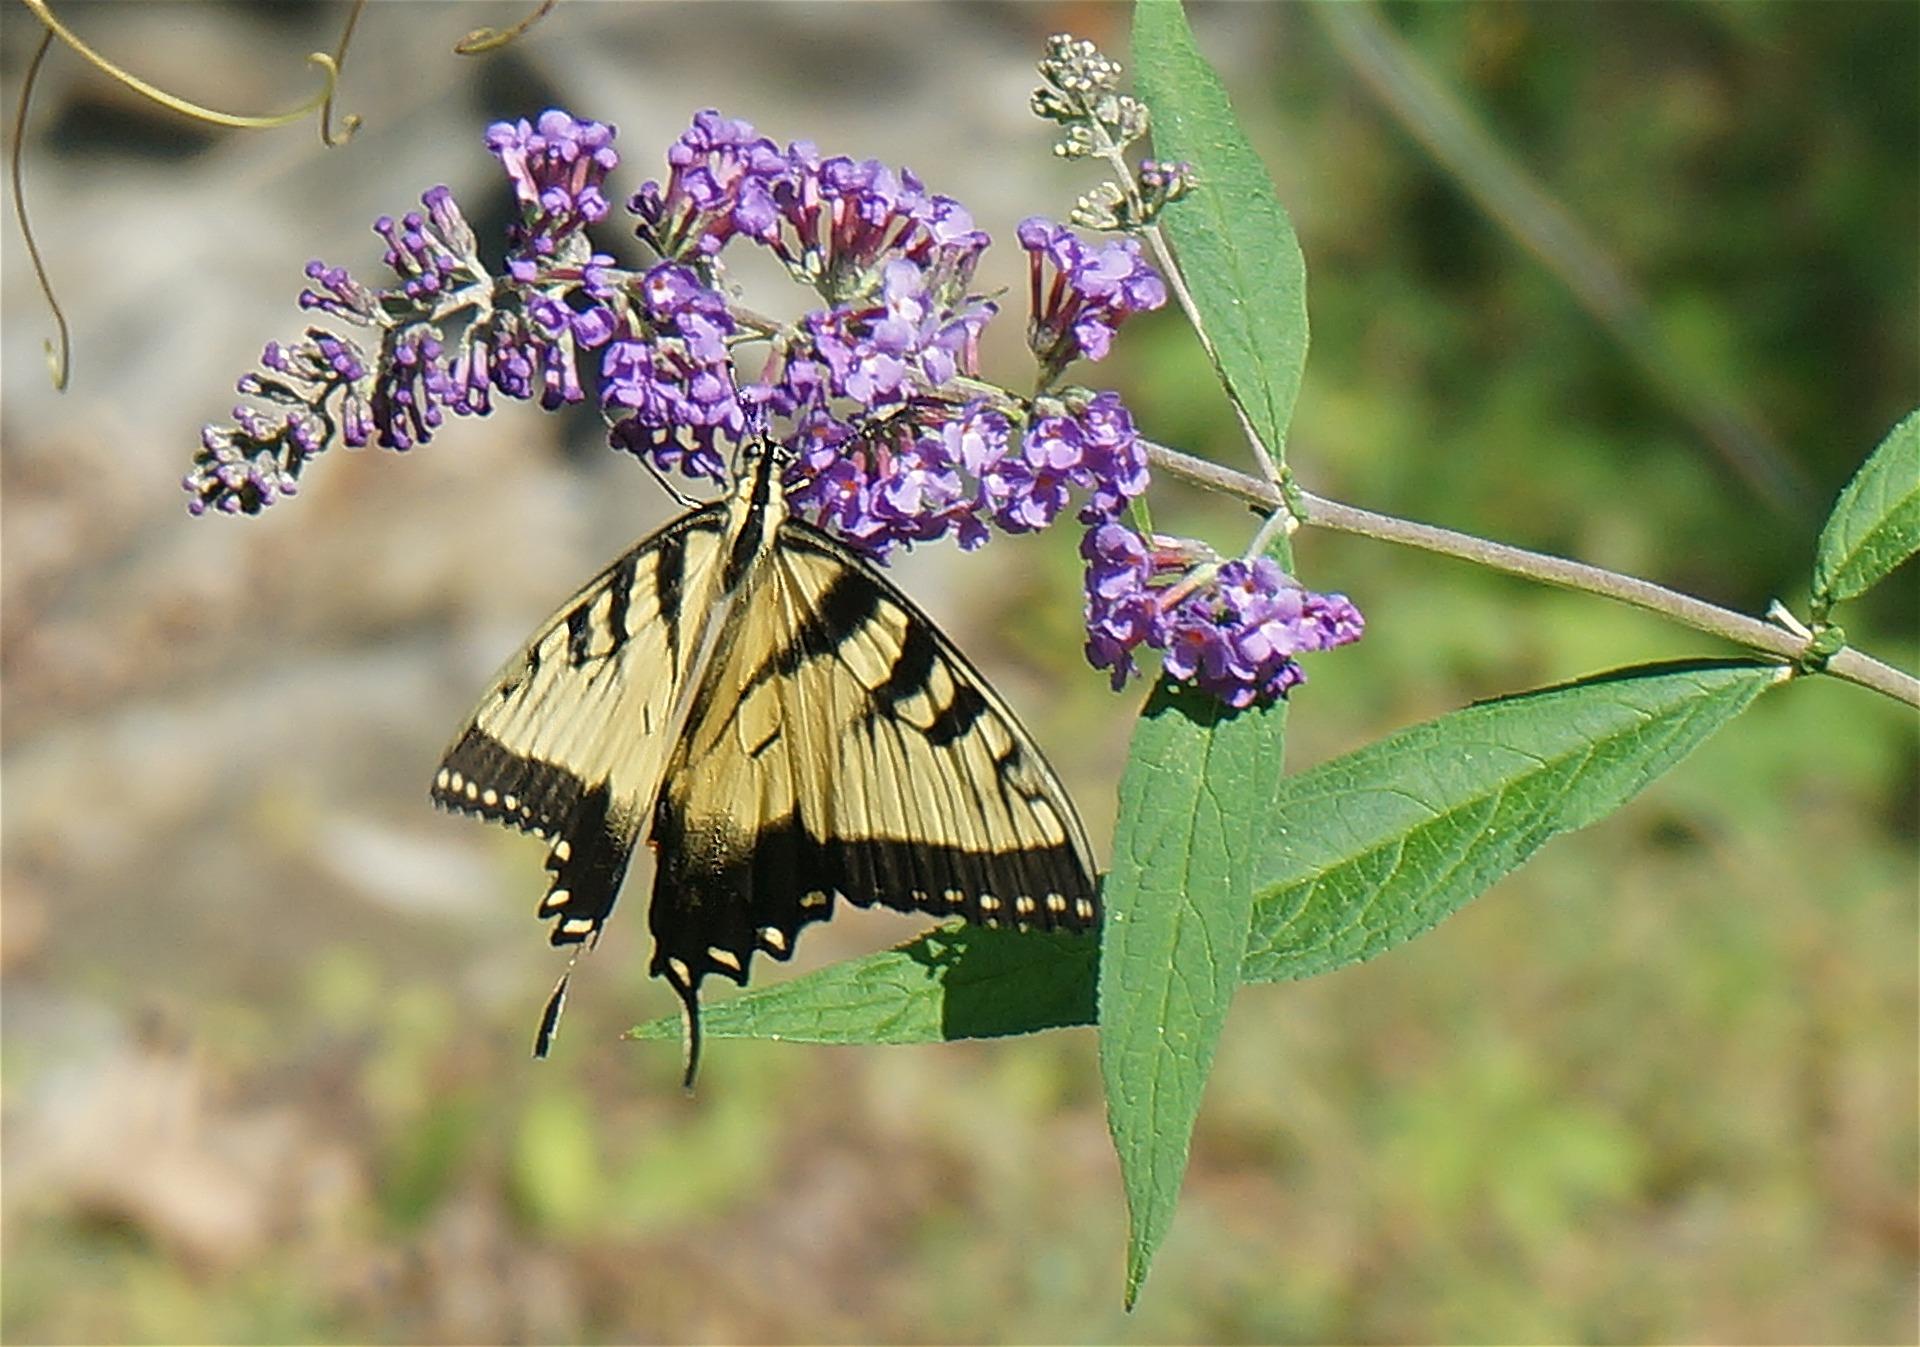 tiger swallowtails at Shenandoah national park